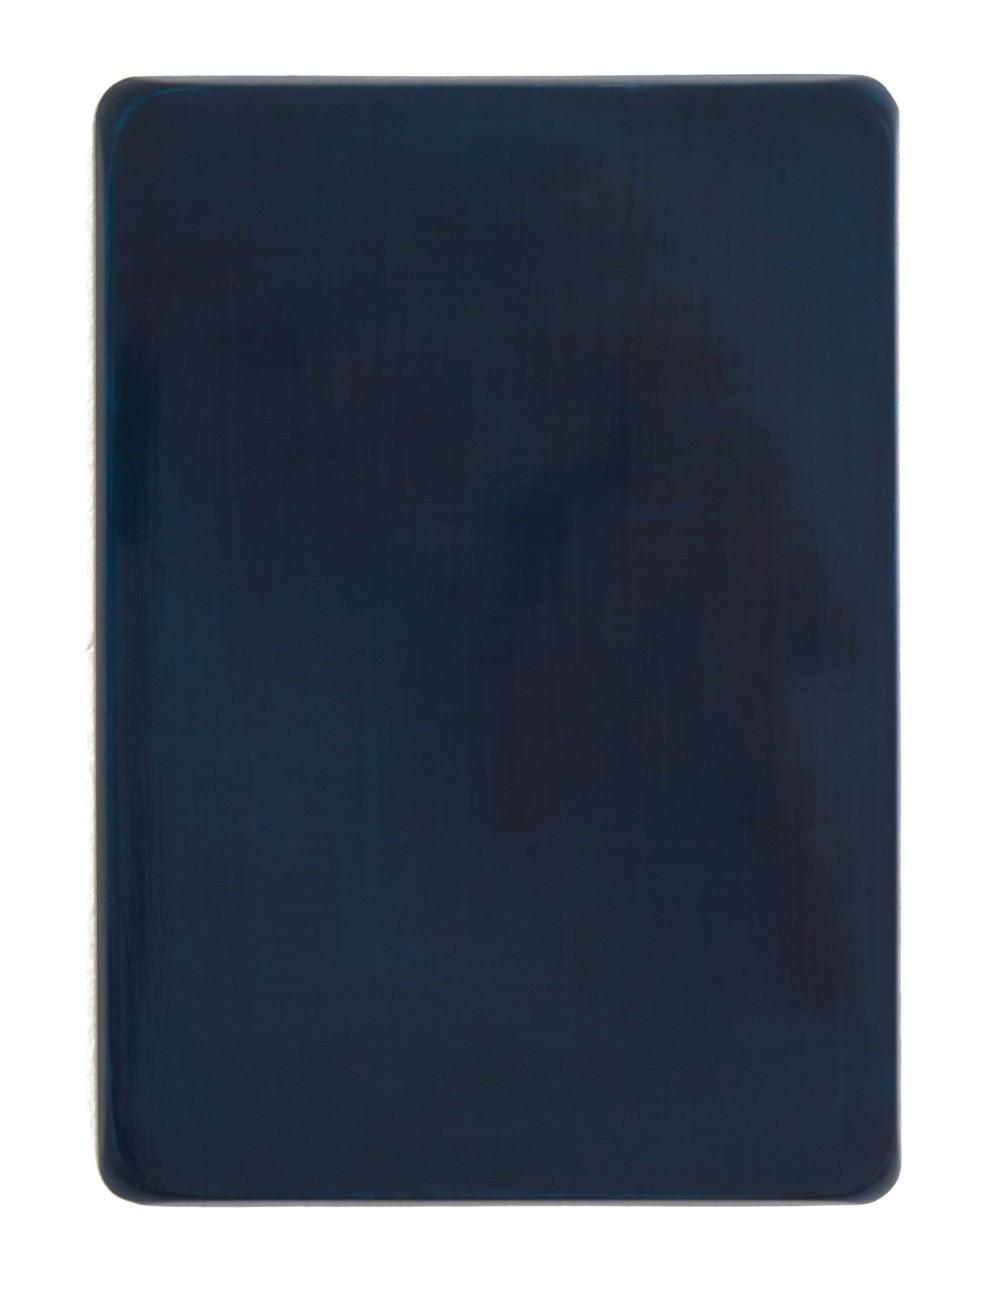 o.T. / Neutralgrau, Helioceolinblau, Aquarell auf Gips und Medium, 35 x 25 cm, 2008